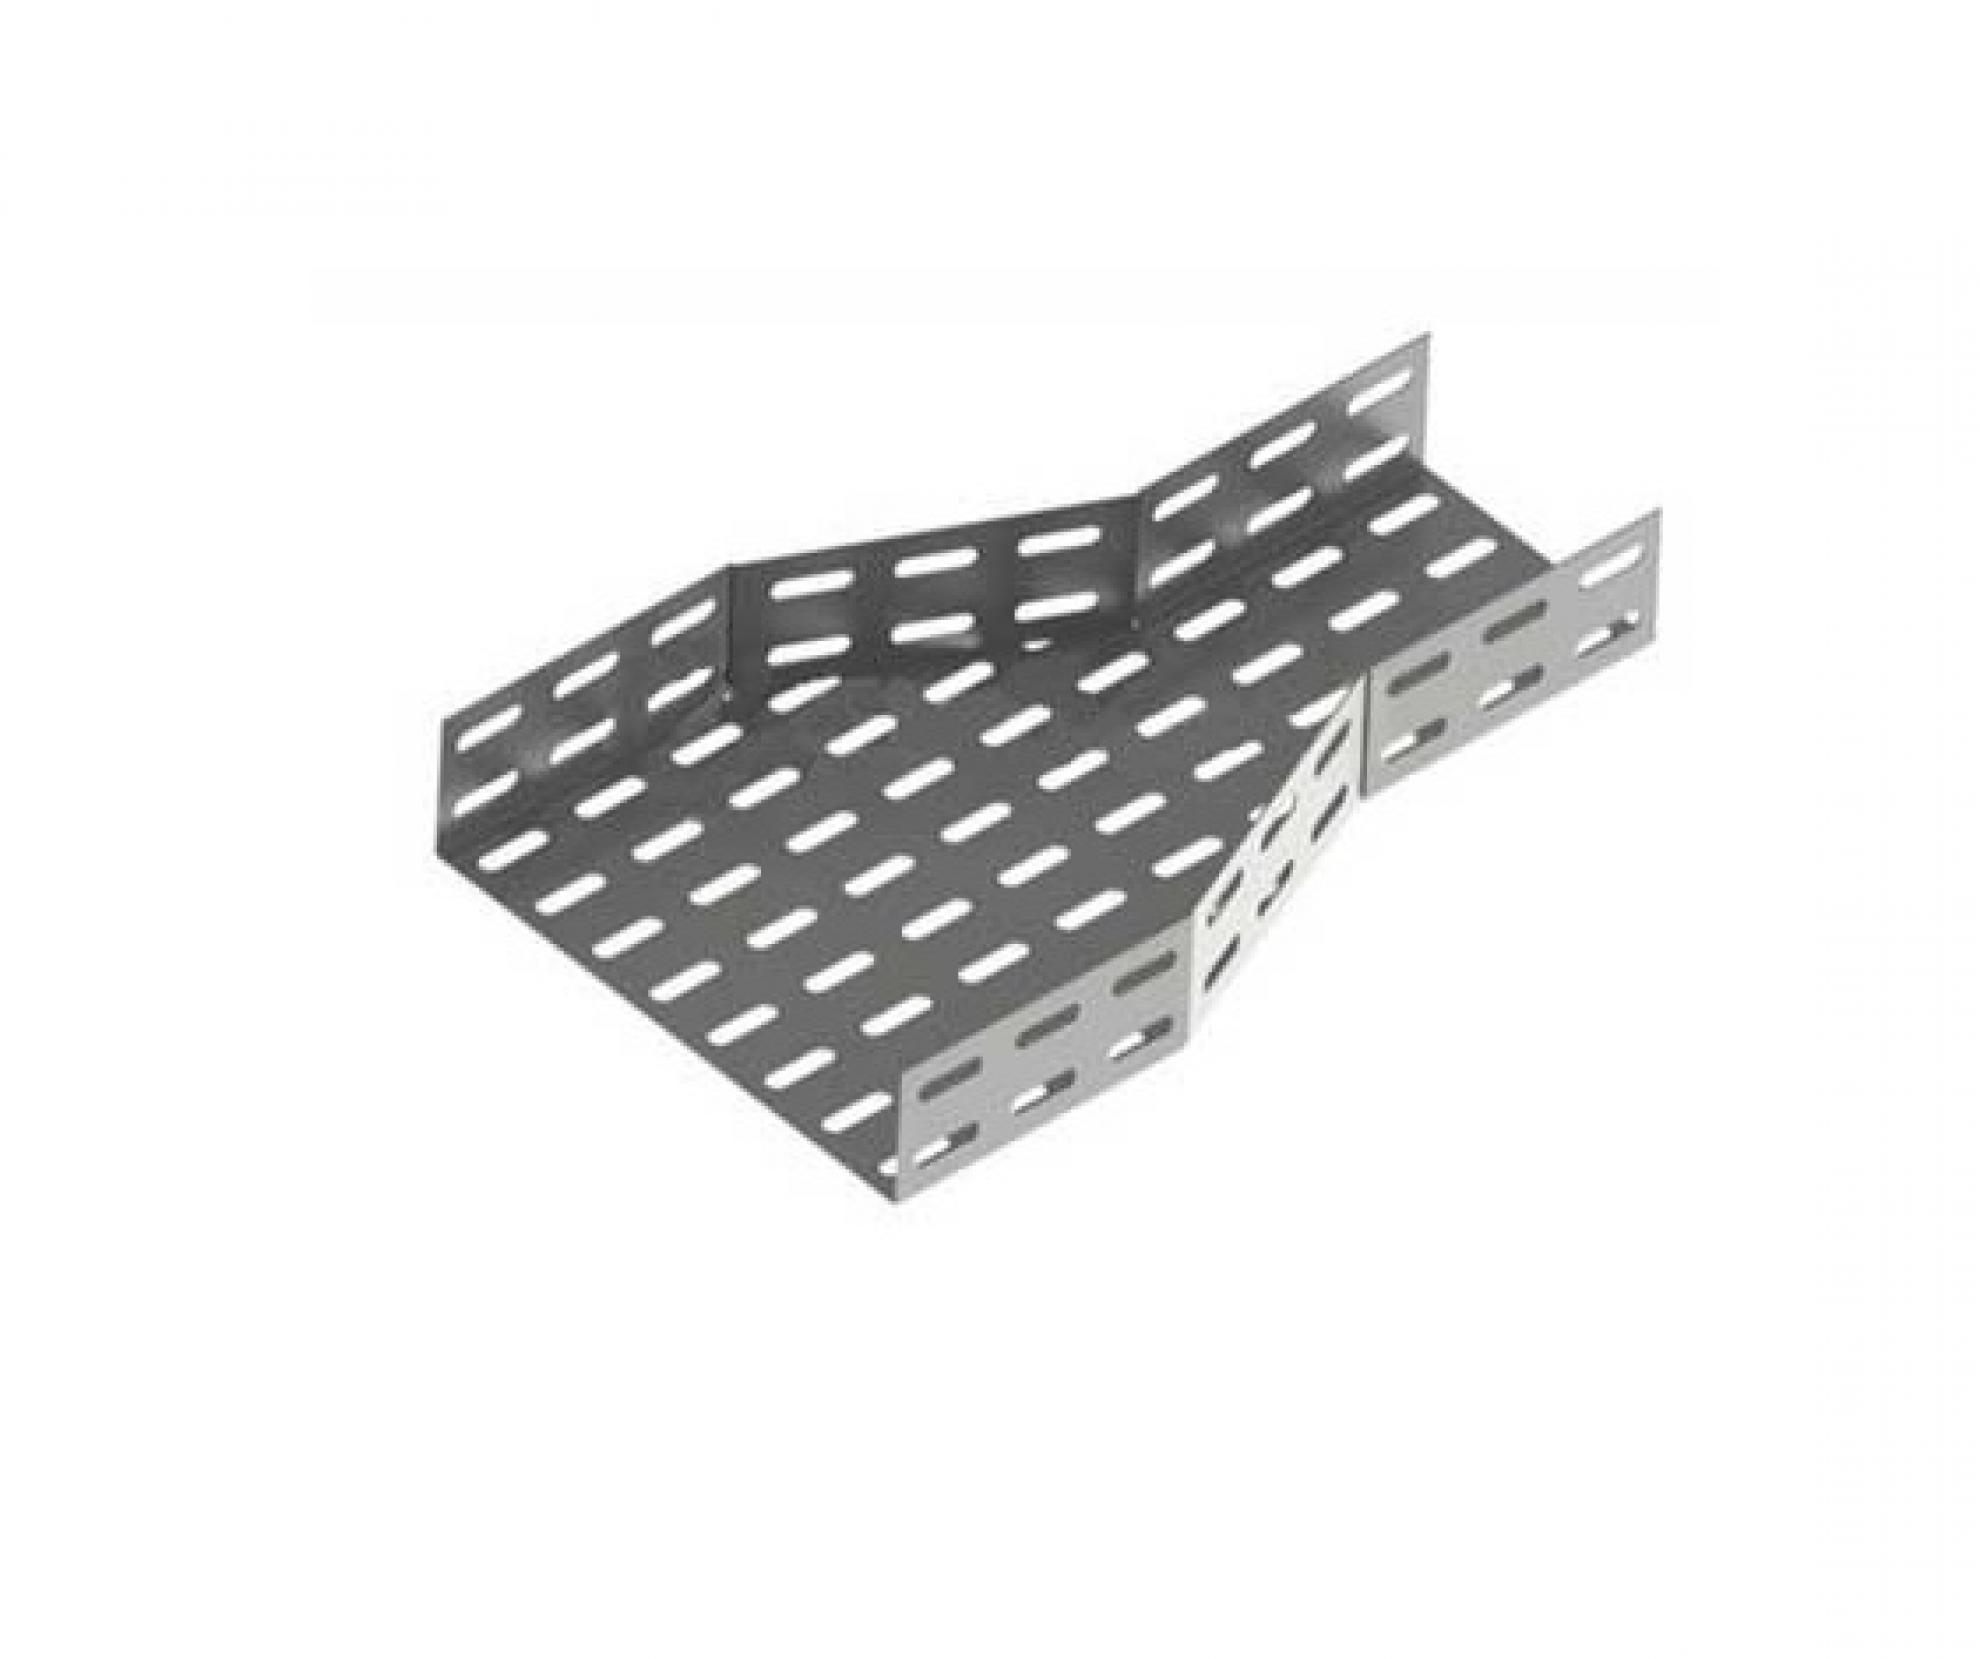 Redu��o concentrica 100X50 / 50X50 - Perfilado